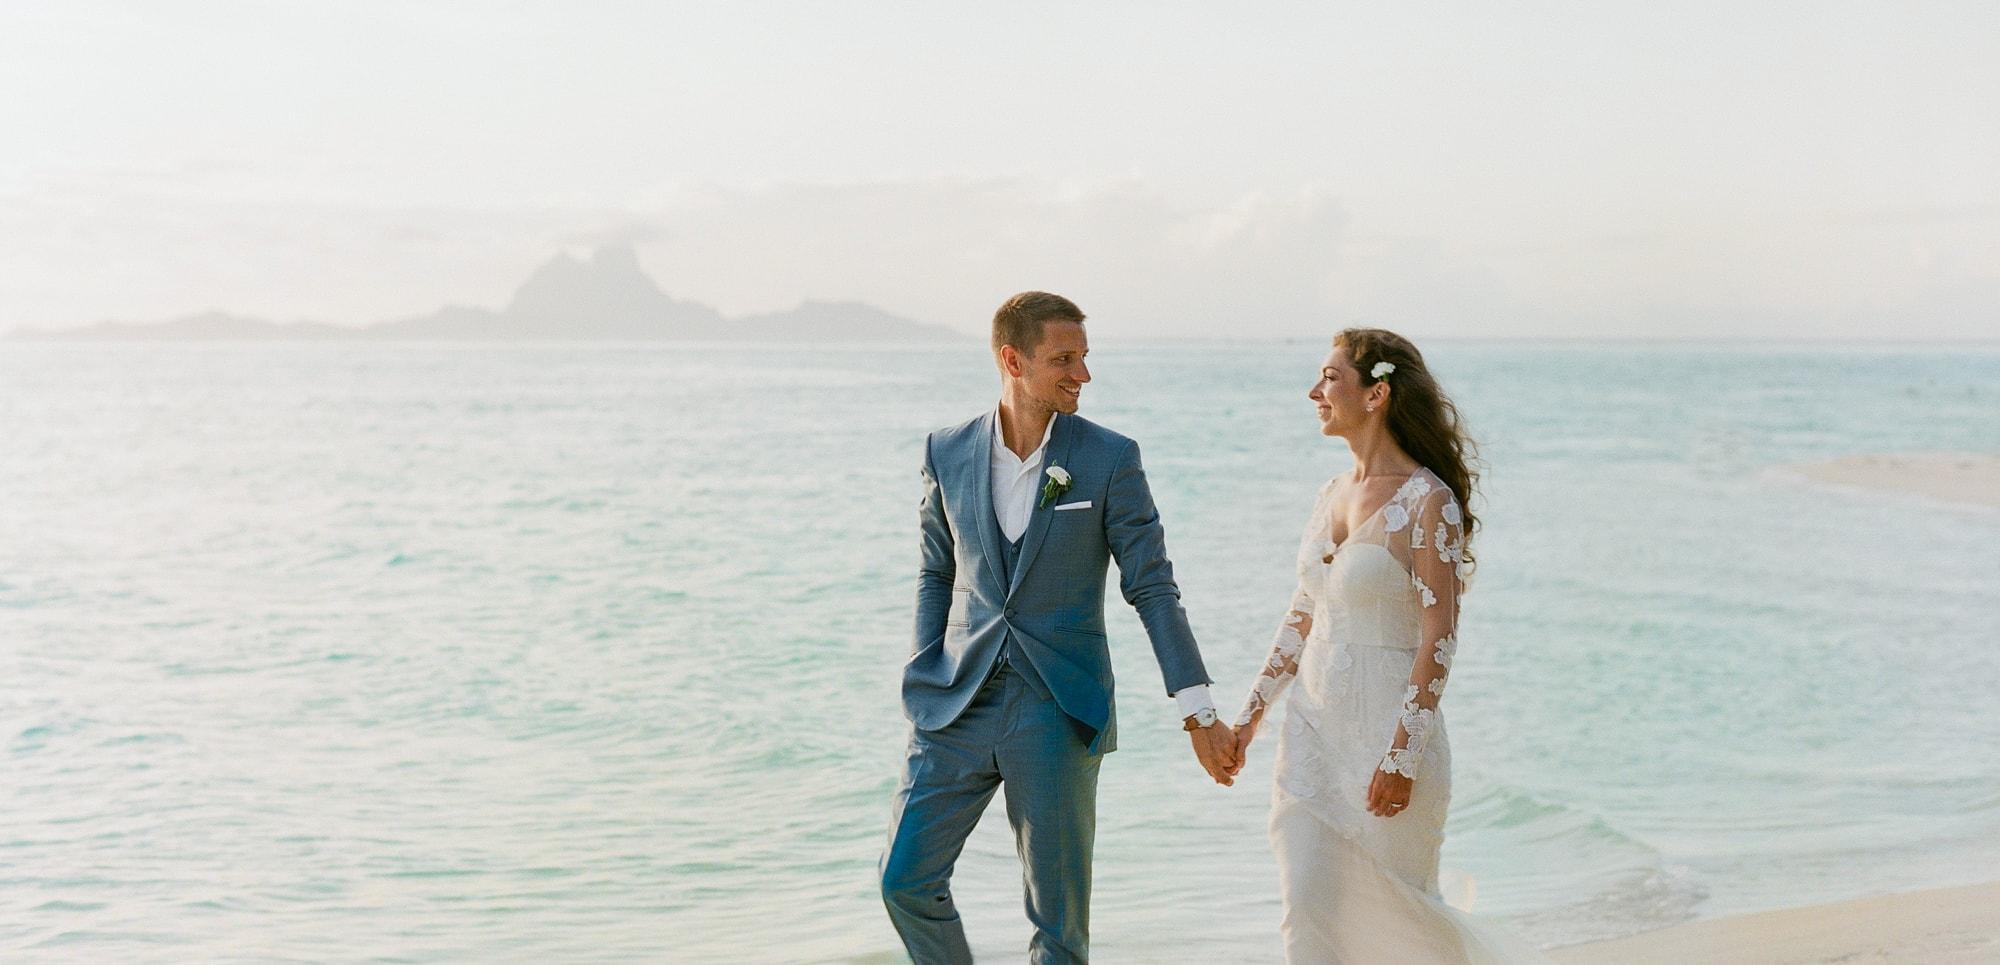 https://tahititourisme.com/wp-content/uploads/2021/04/PCP-Bora-Bora-Photography-Couple-Wedding-sunset.jpg